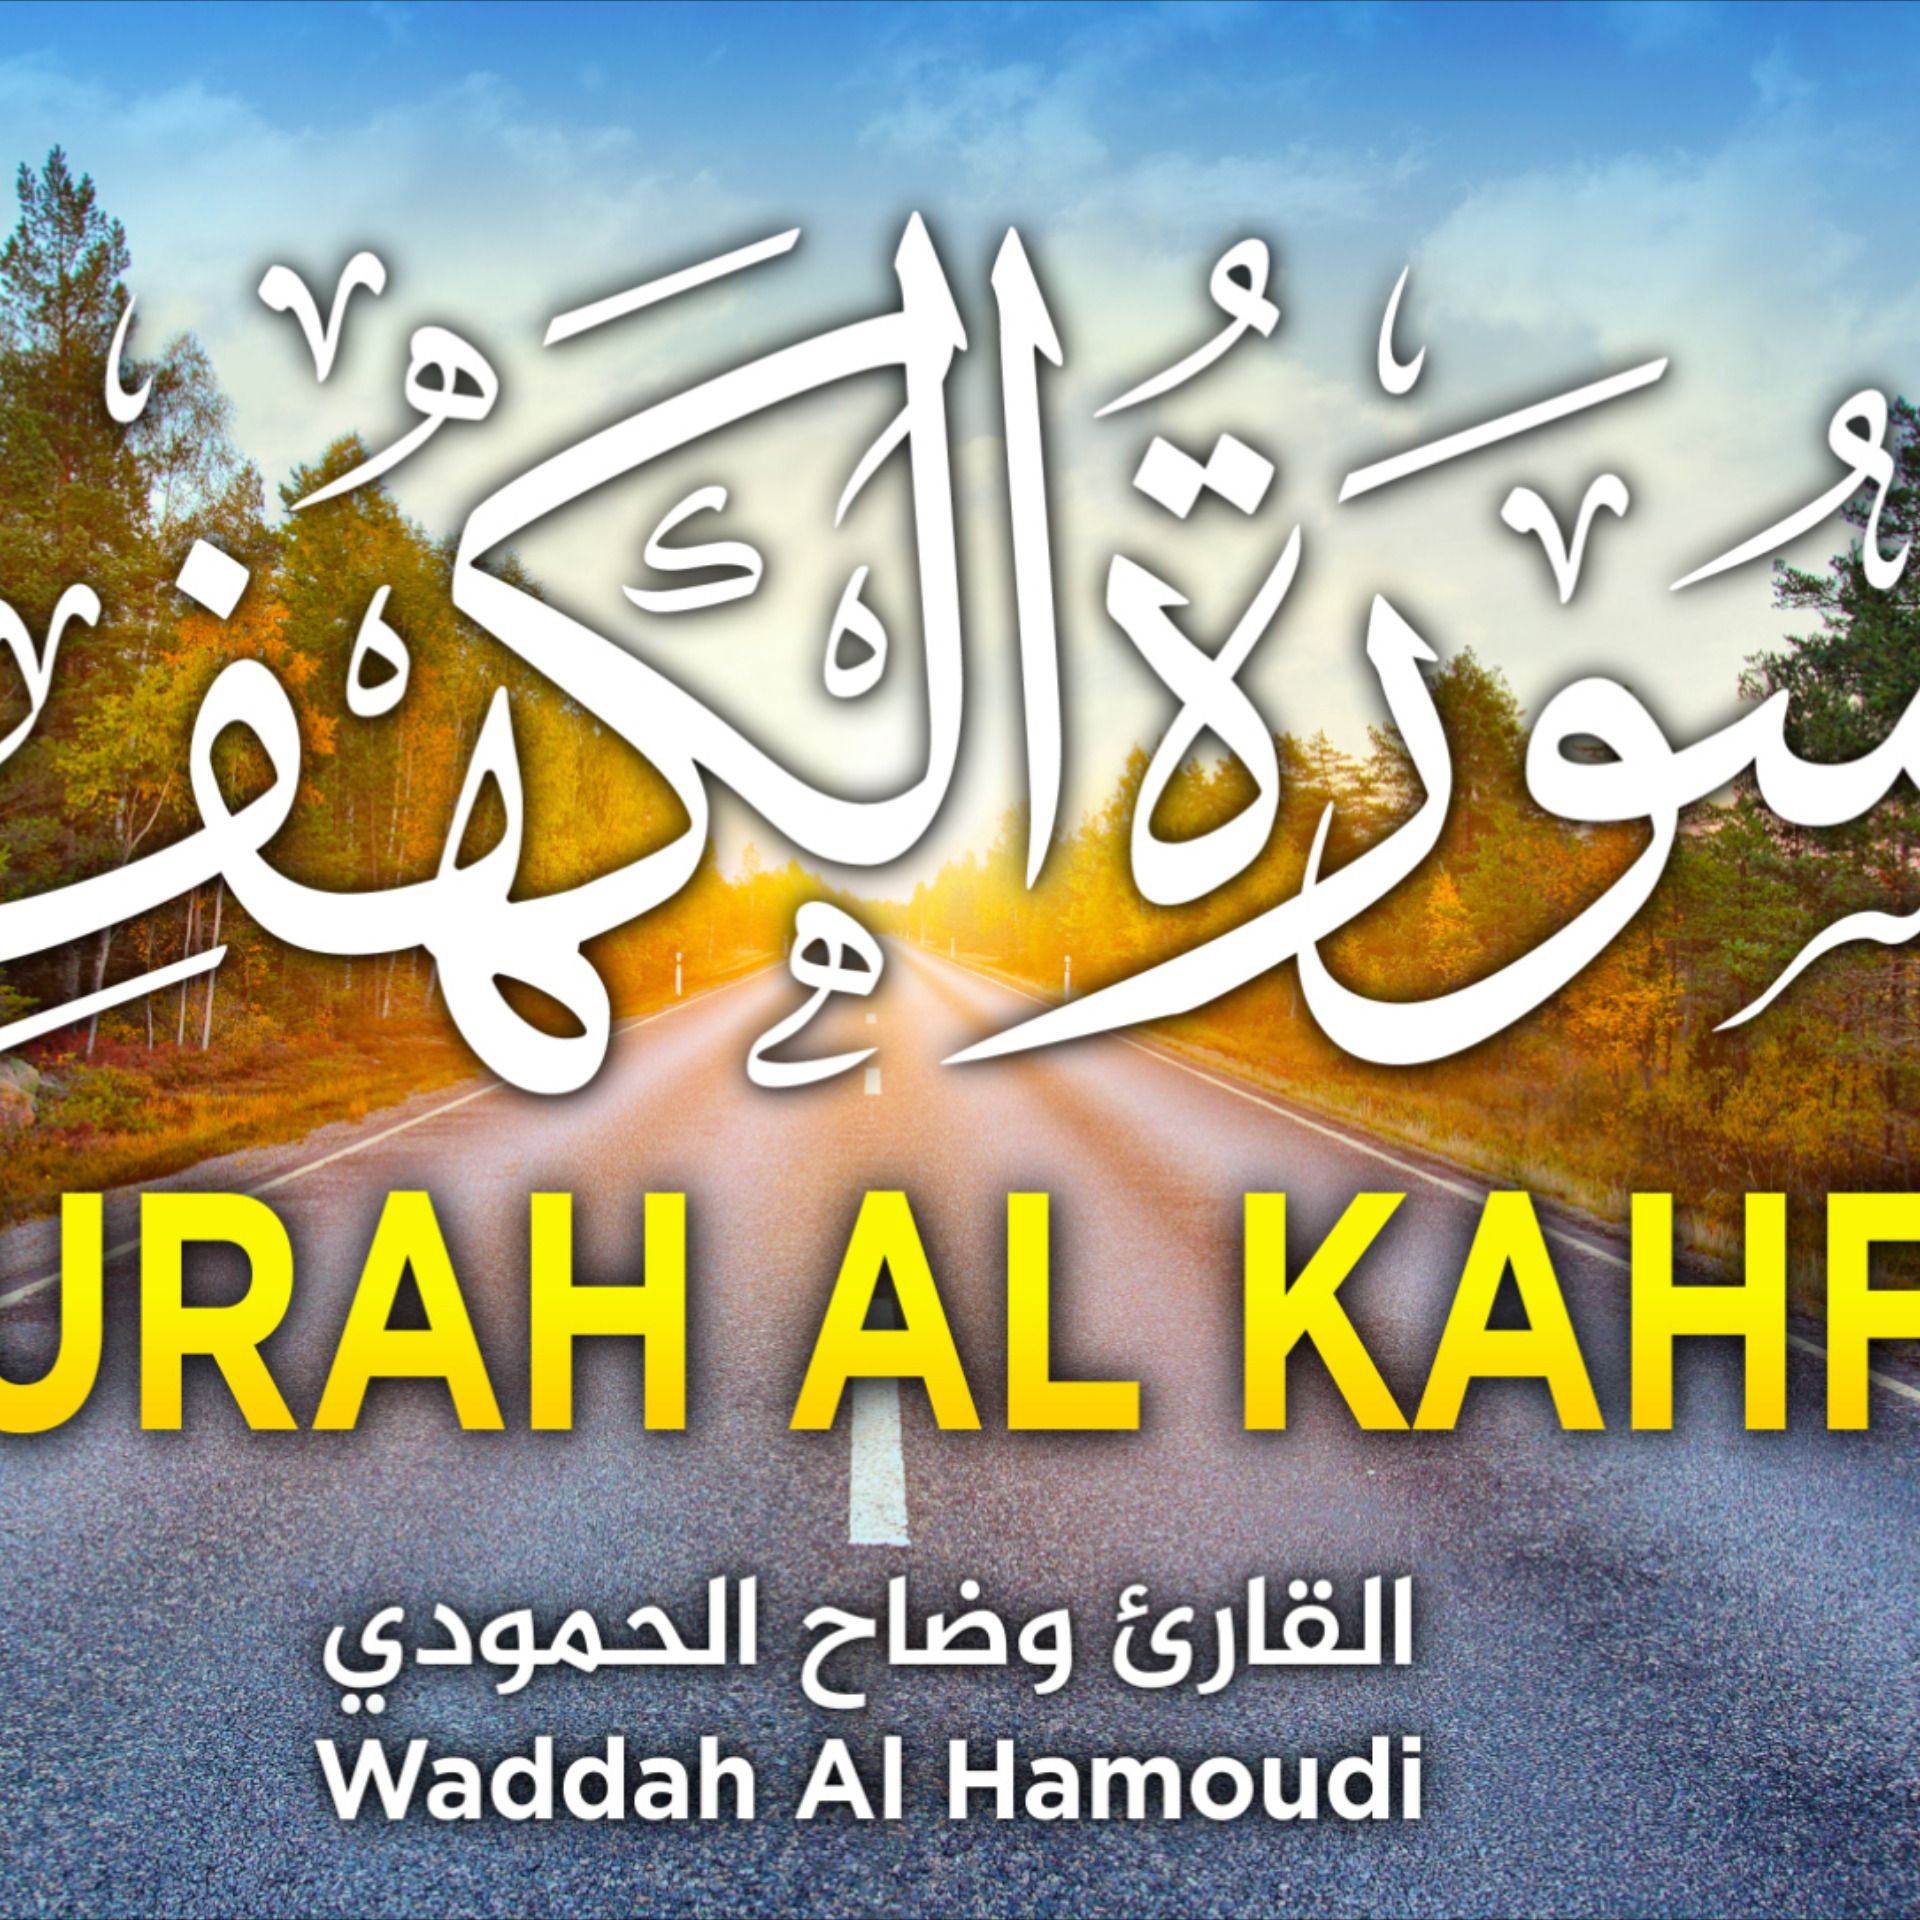 سورة الكهف نور مابين الجمعتين تلاوة أكثر من رائعة سبحان من رزقه هذا الصوت Surah Al Kahf Surah Al Kahf Al Kahf Quran Surah